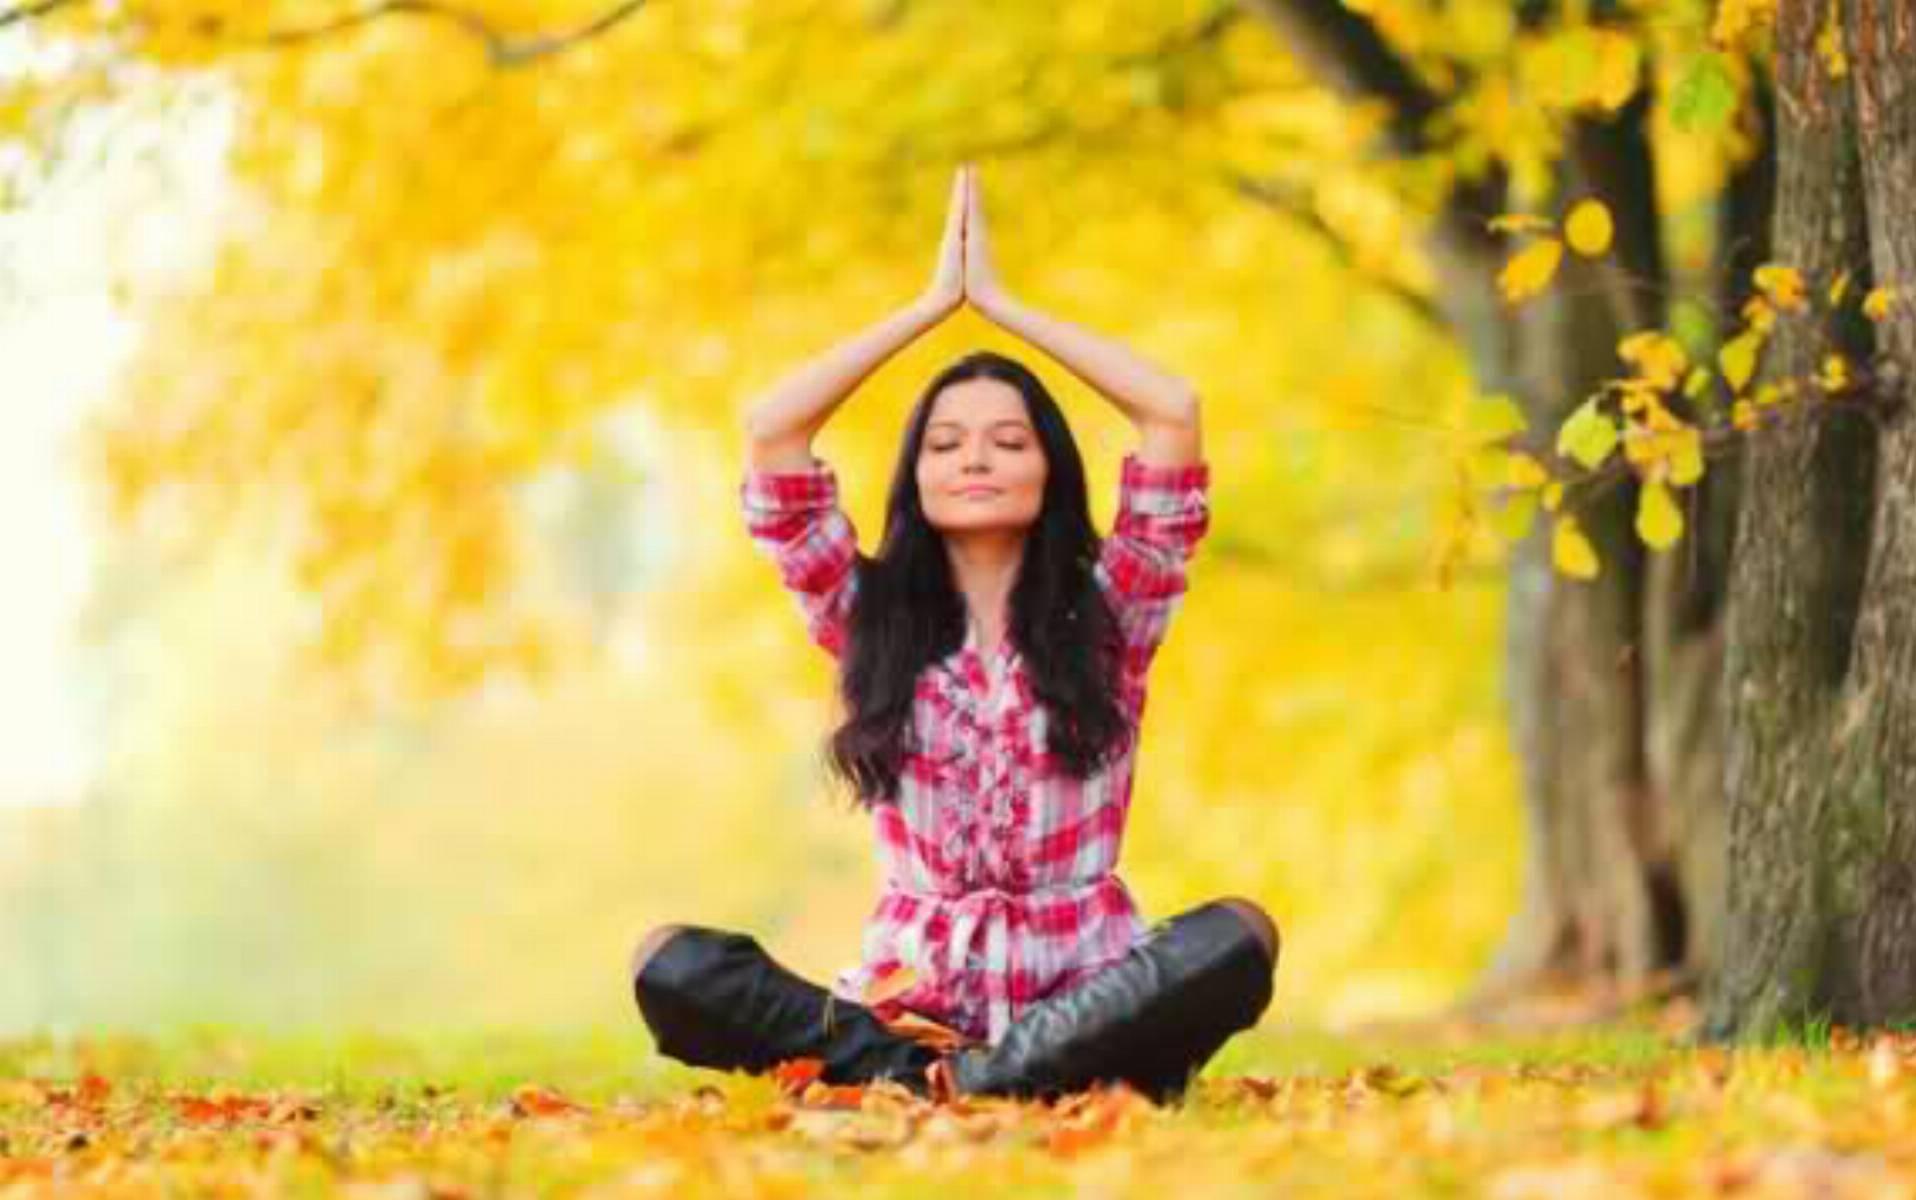 jak-cwiczyc-joge-jesien